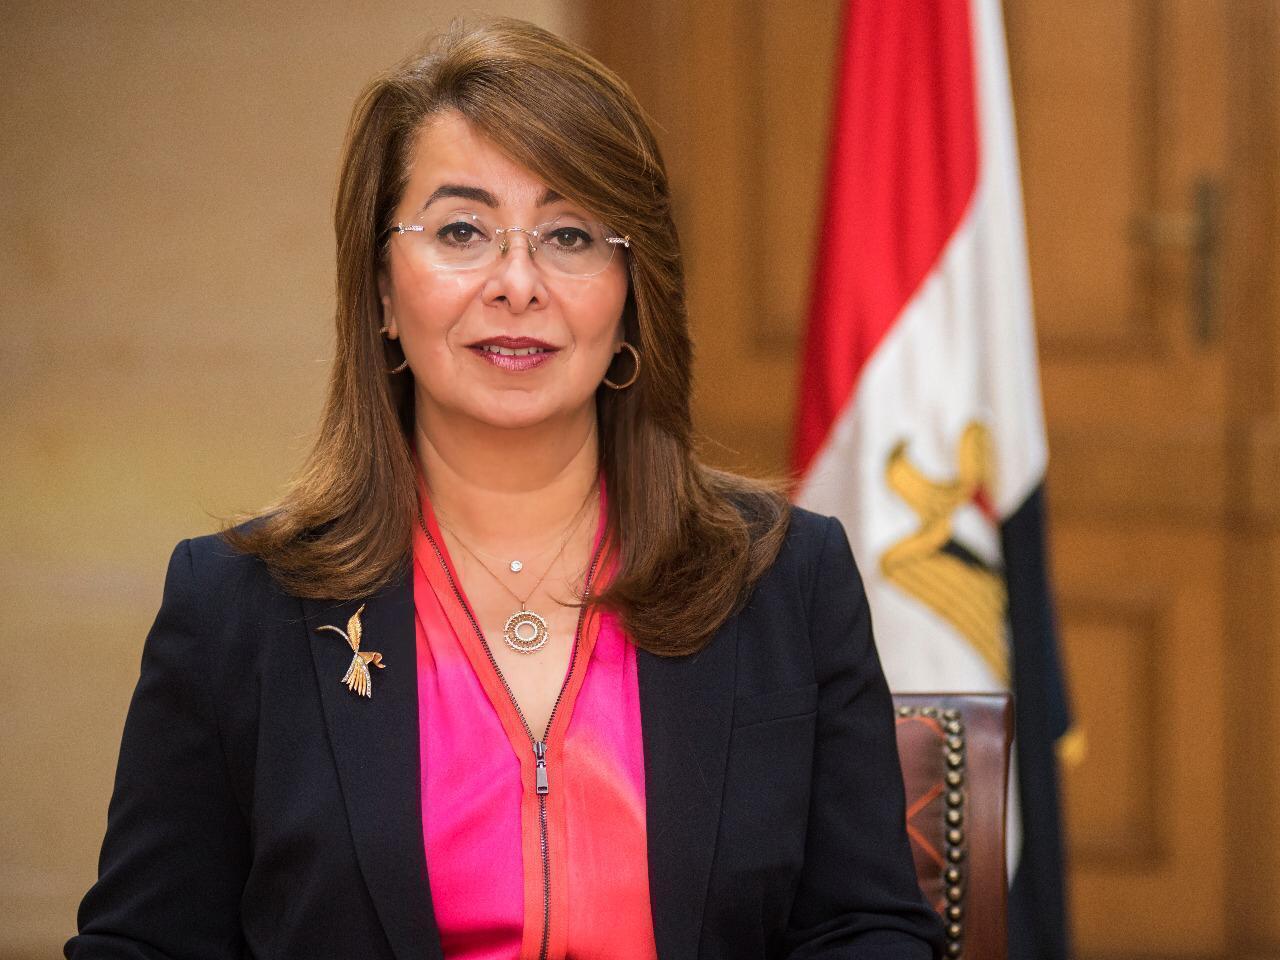 وزيرة التضامن الاجتماعى : الحكومة مسئولة عن تحقيق أهداف التنمية المستدامة